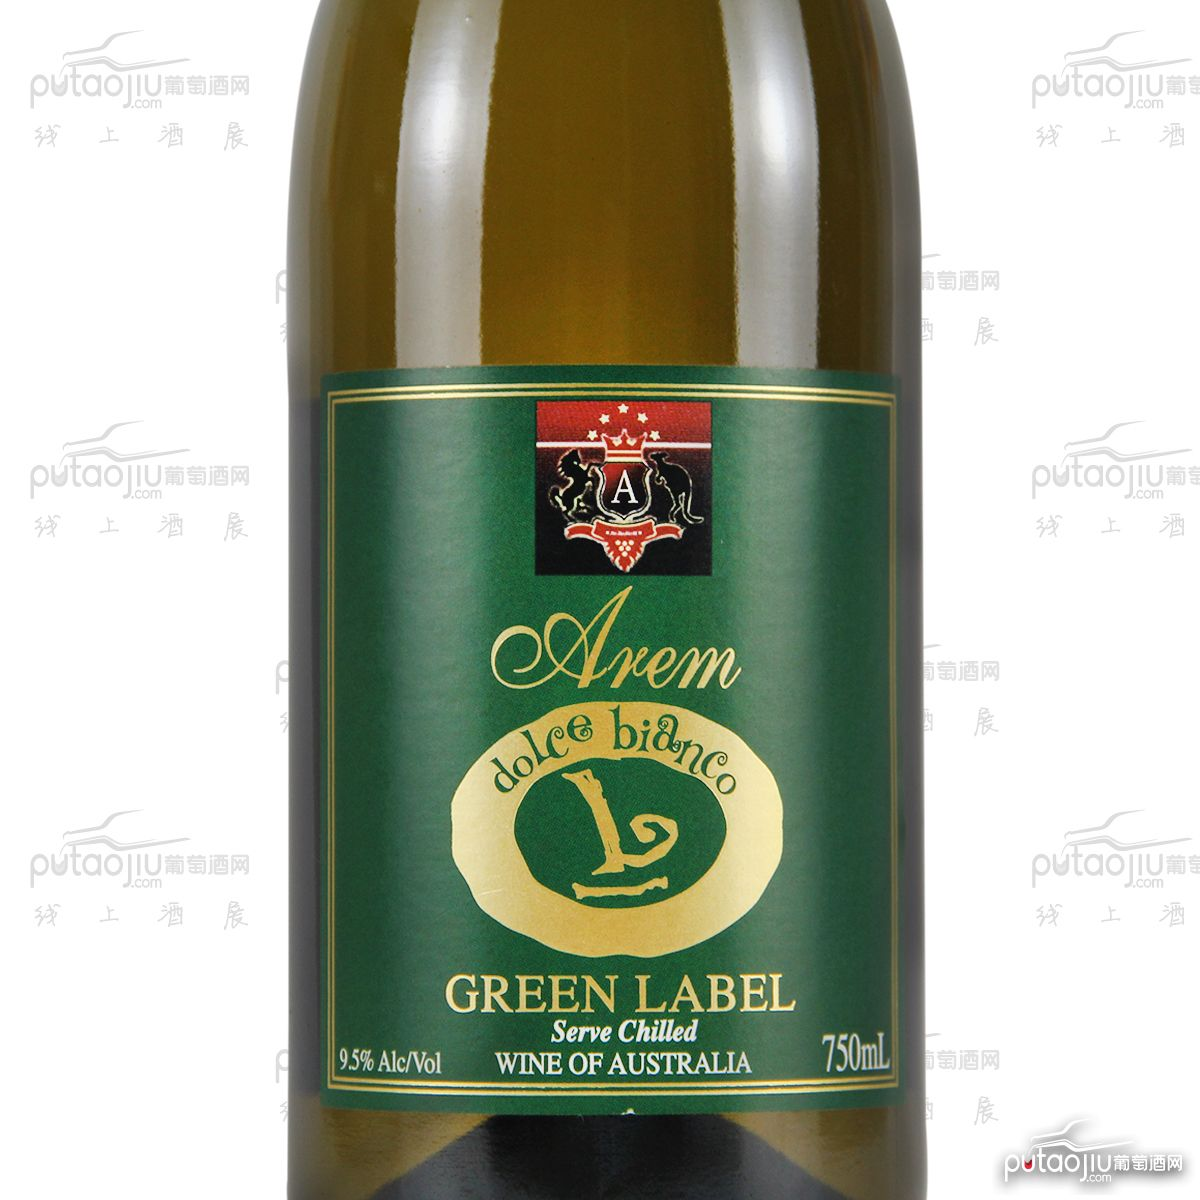 澳大利亚高奔产区澳宝红酒庄戈顿绿宝甜白葡萄酒